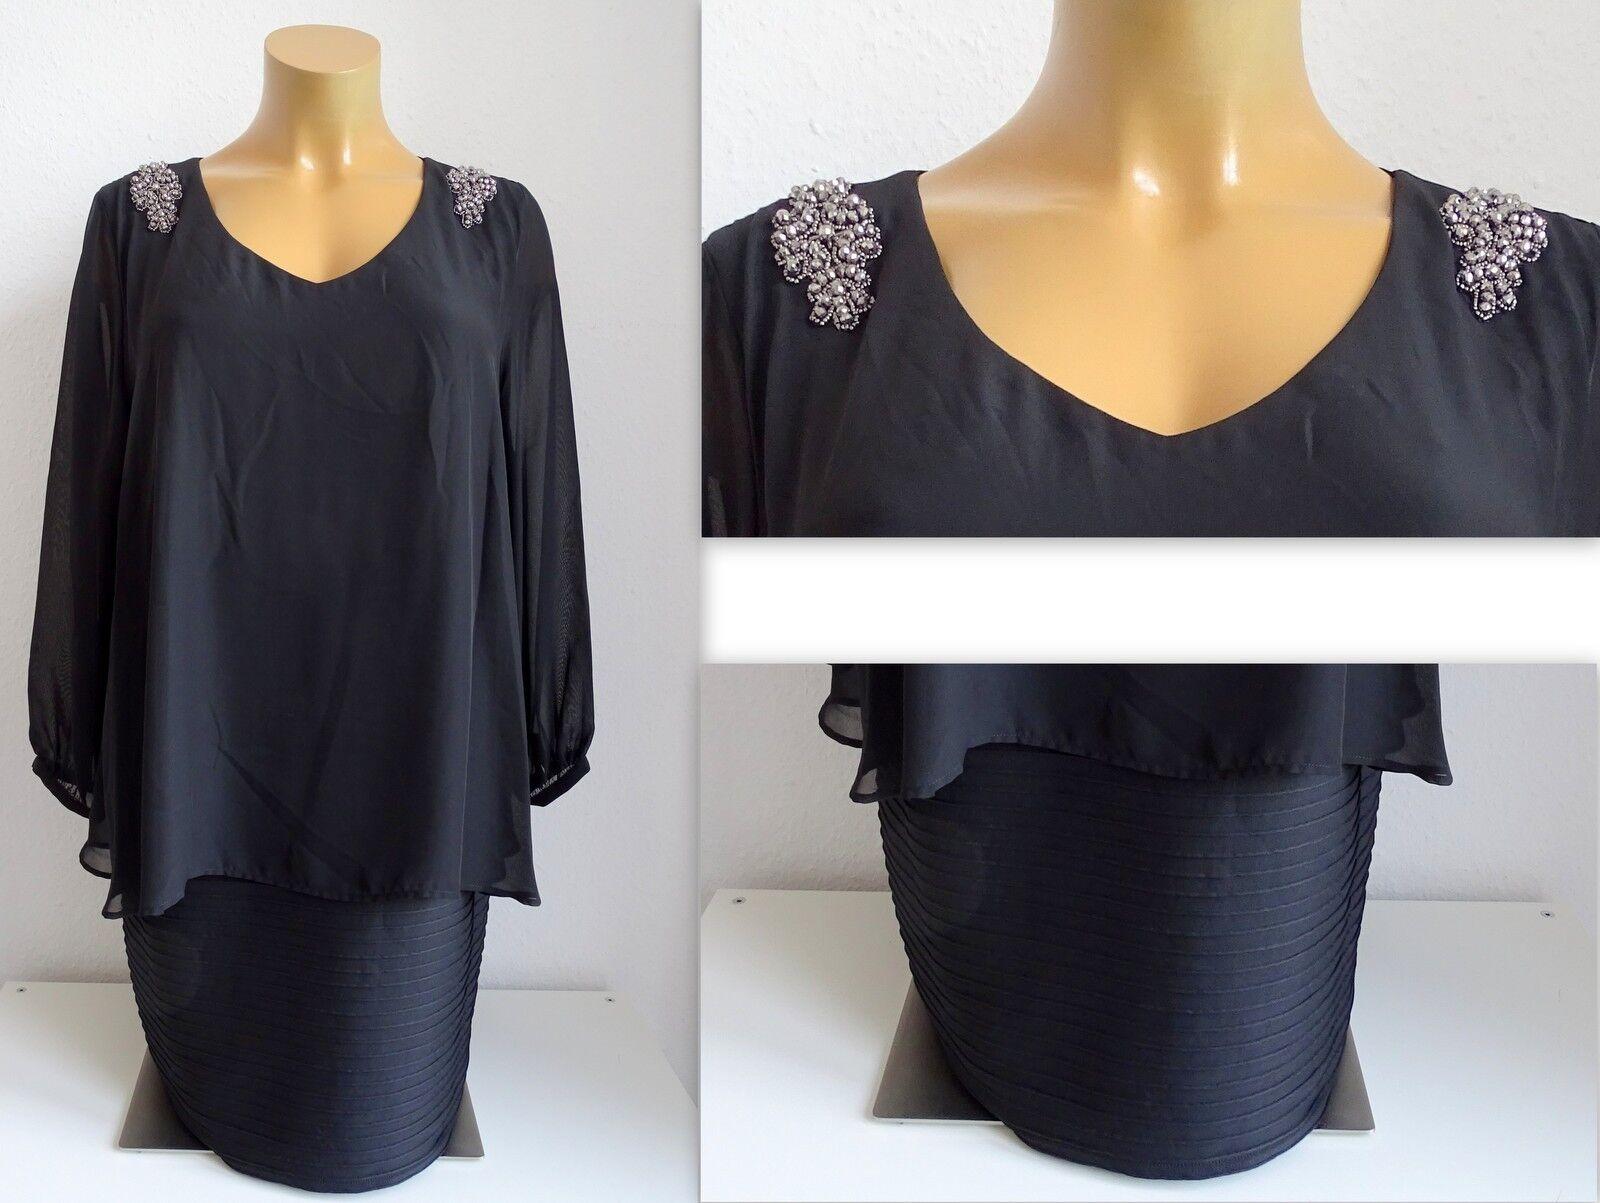 NEU Kurzgröße elegantes ausgefallenes Abend Kleid schwarz Gr.26,27,28,31